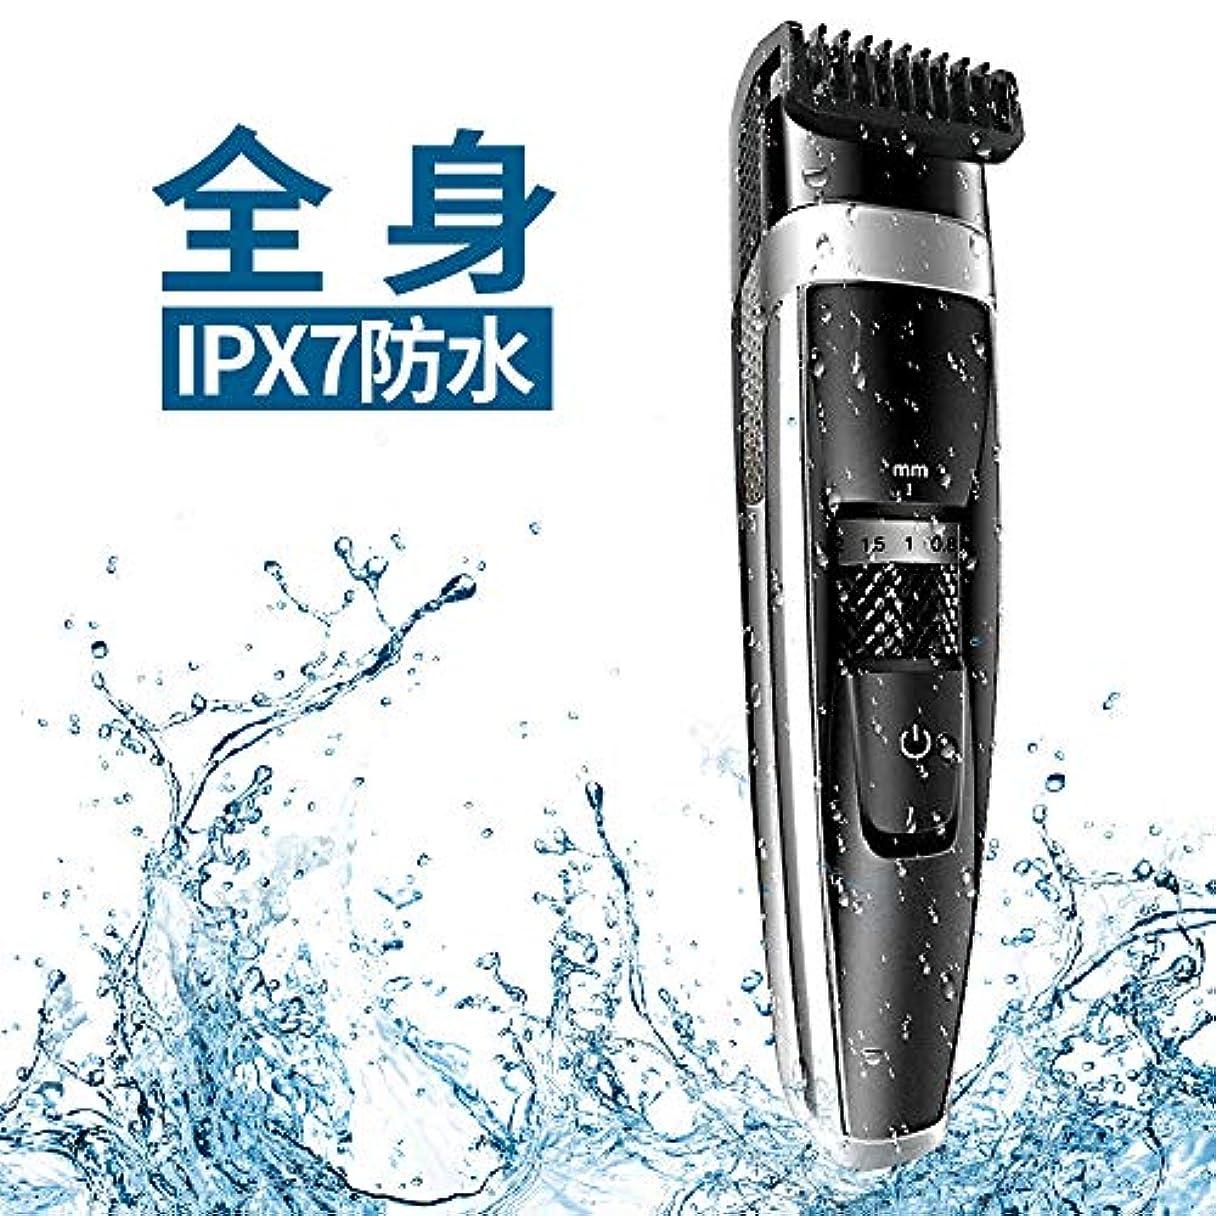 アンドリューハリディ小説餌Wincept 電動バリカン ヒゲトリマー IPX7の防水仕様 17段階刈り高さ調節可能 【2年期間保証】